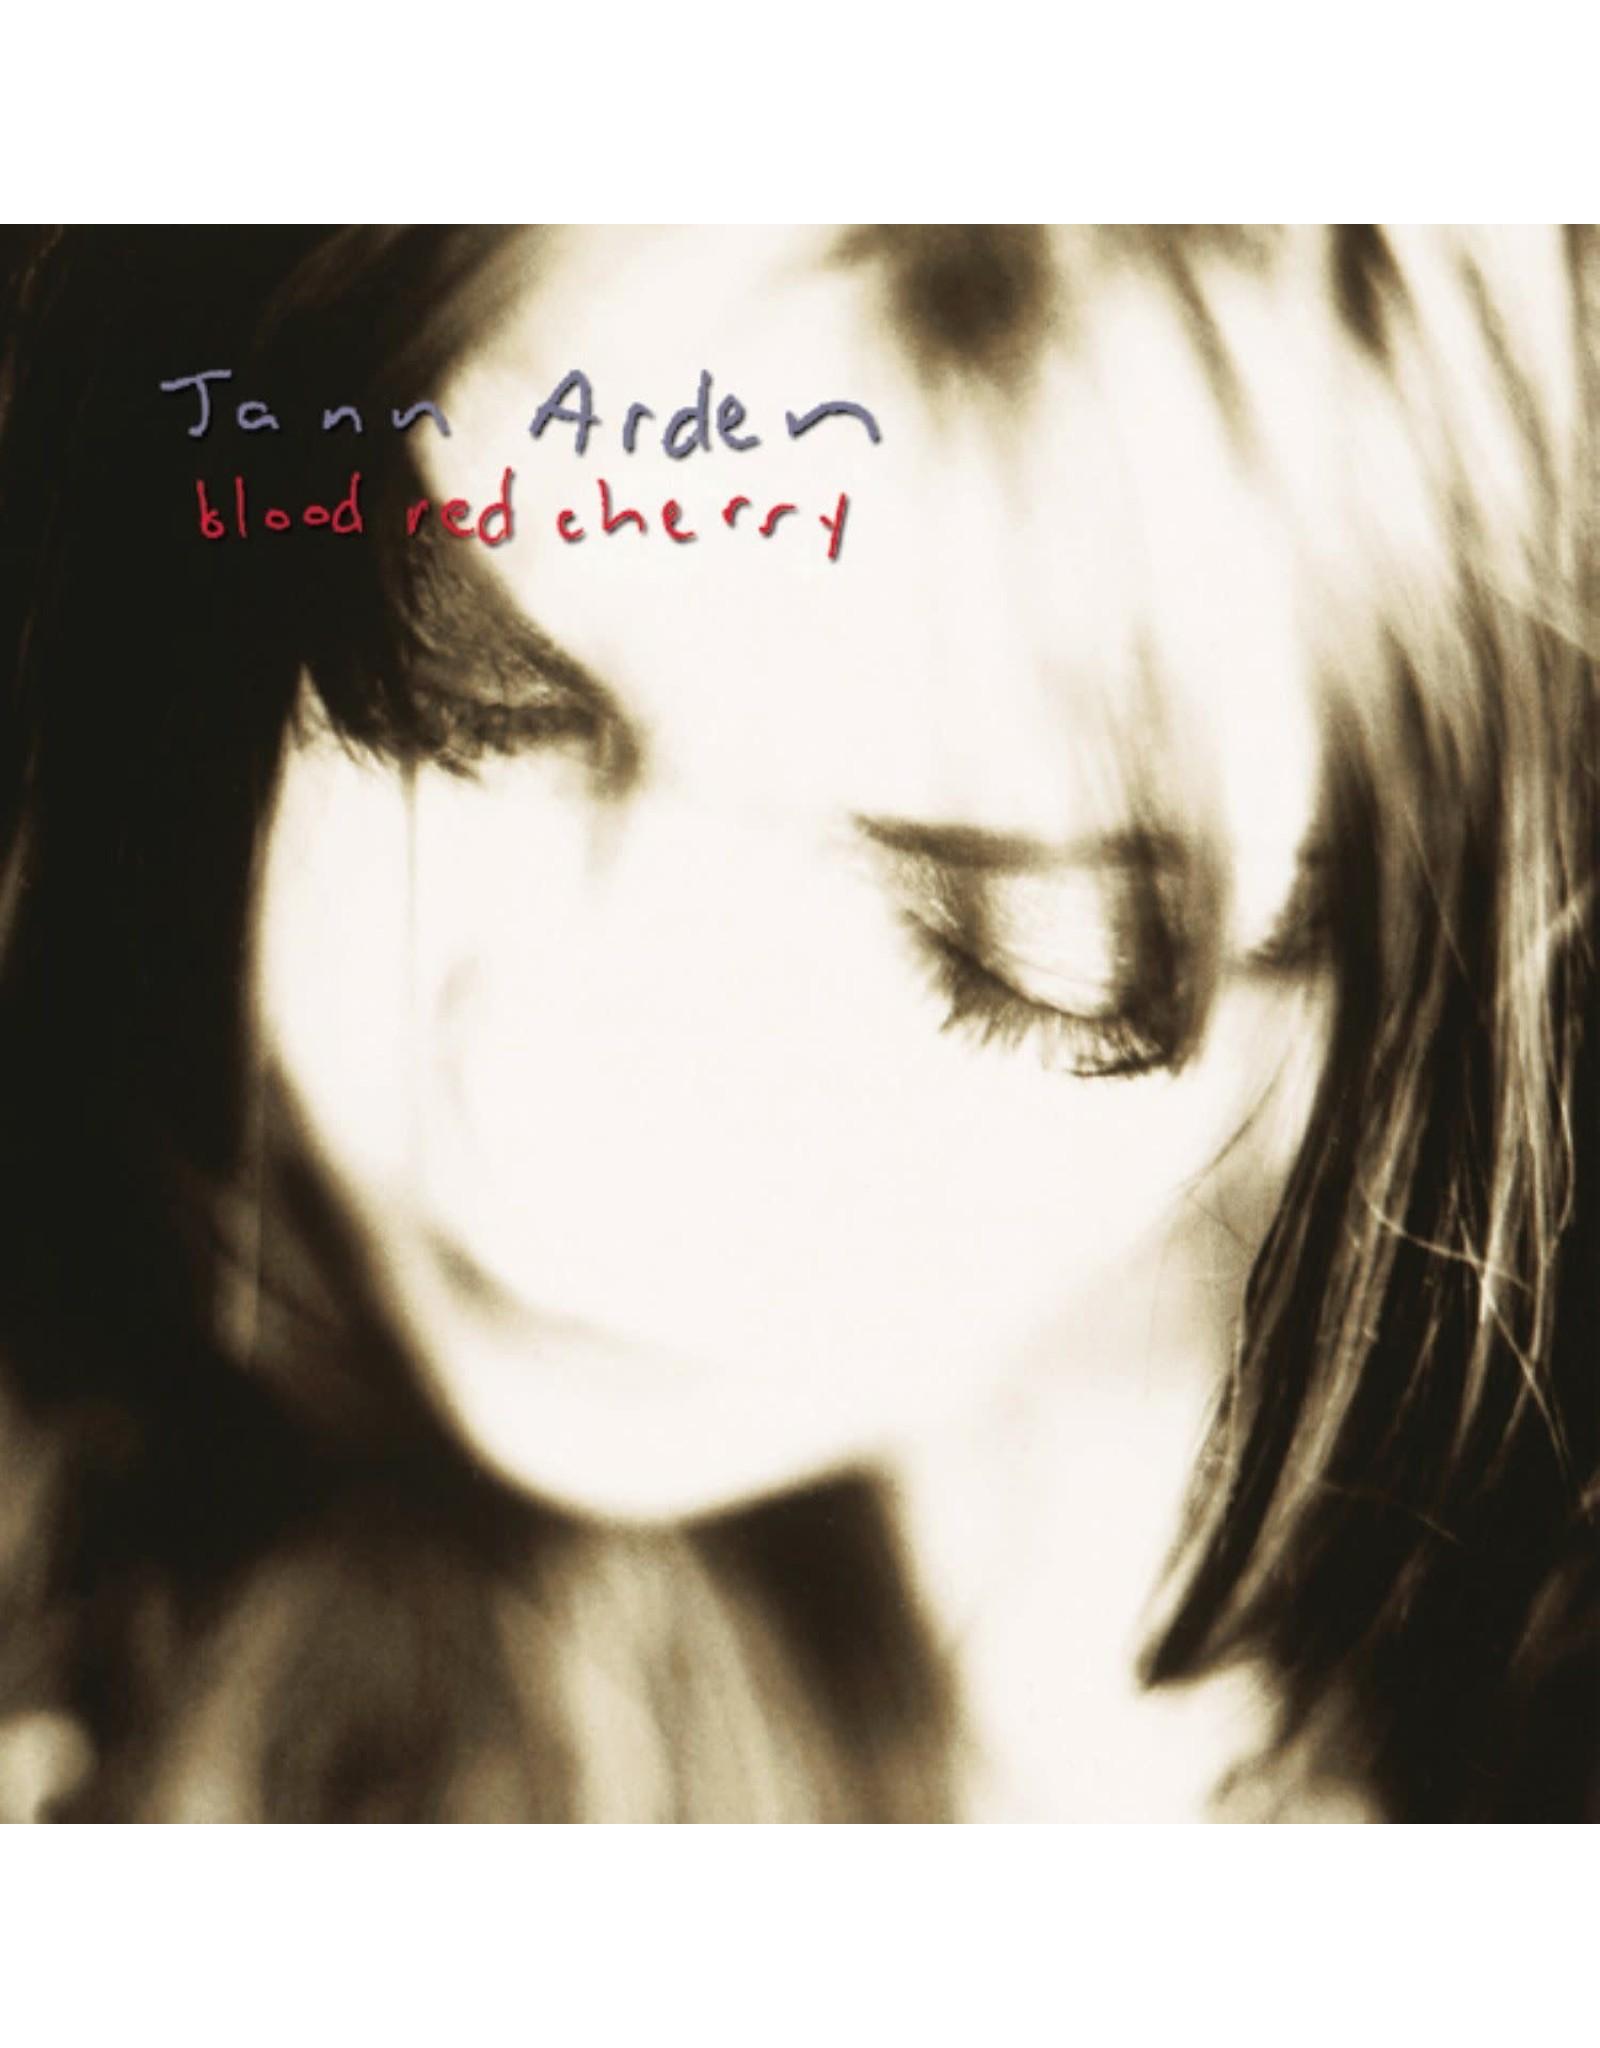 Jann Arden - Blood Red Cherry (Cherry Red Vinyl)